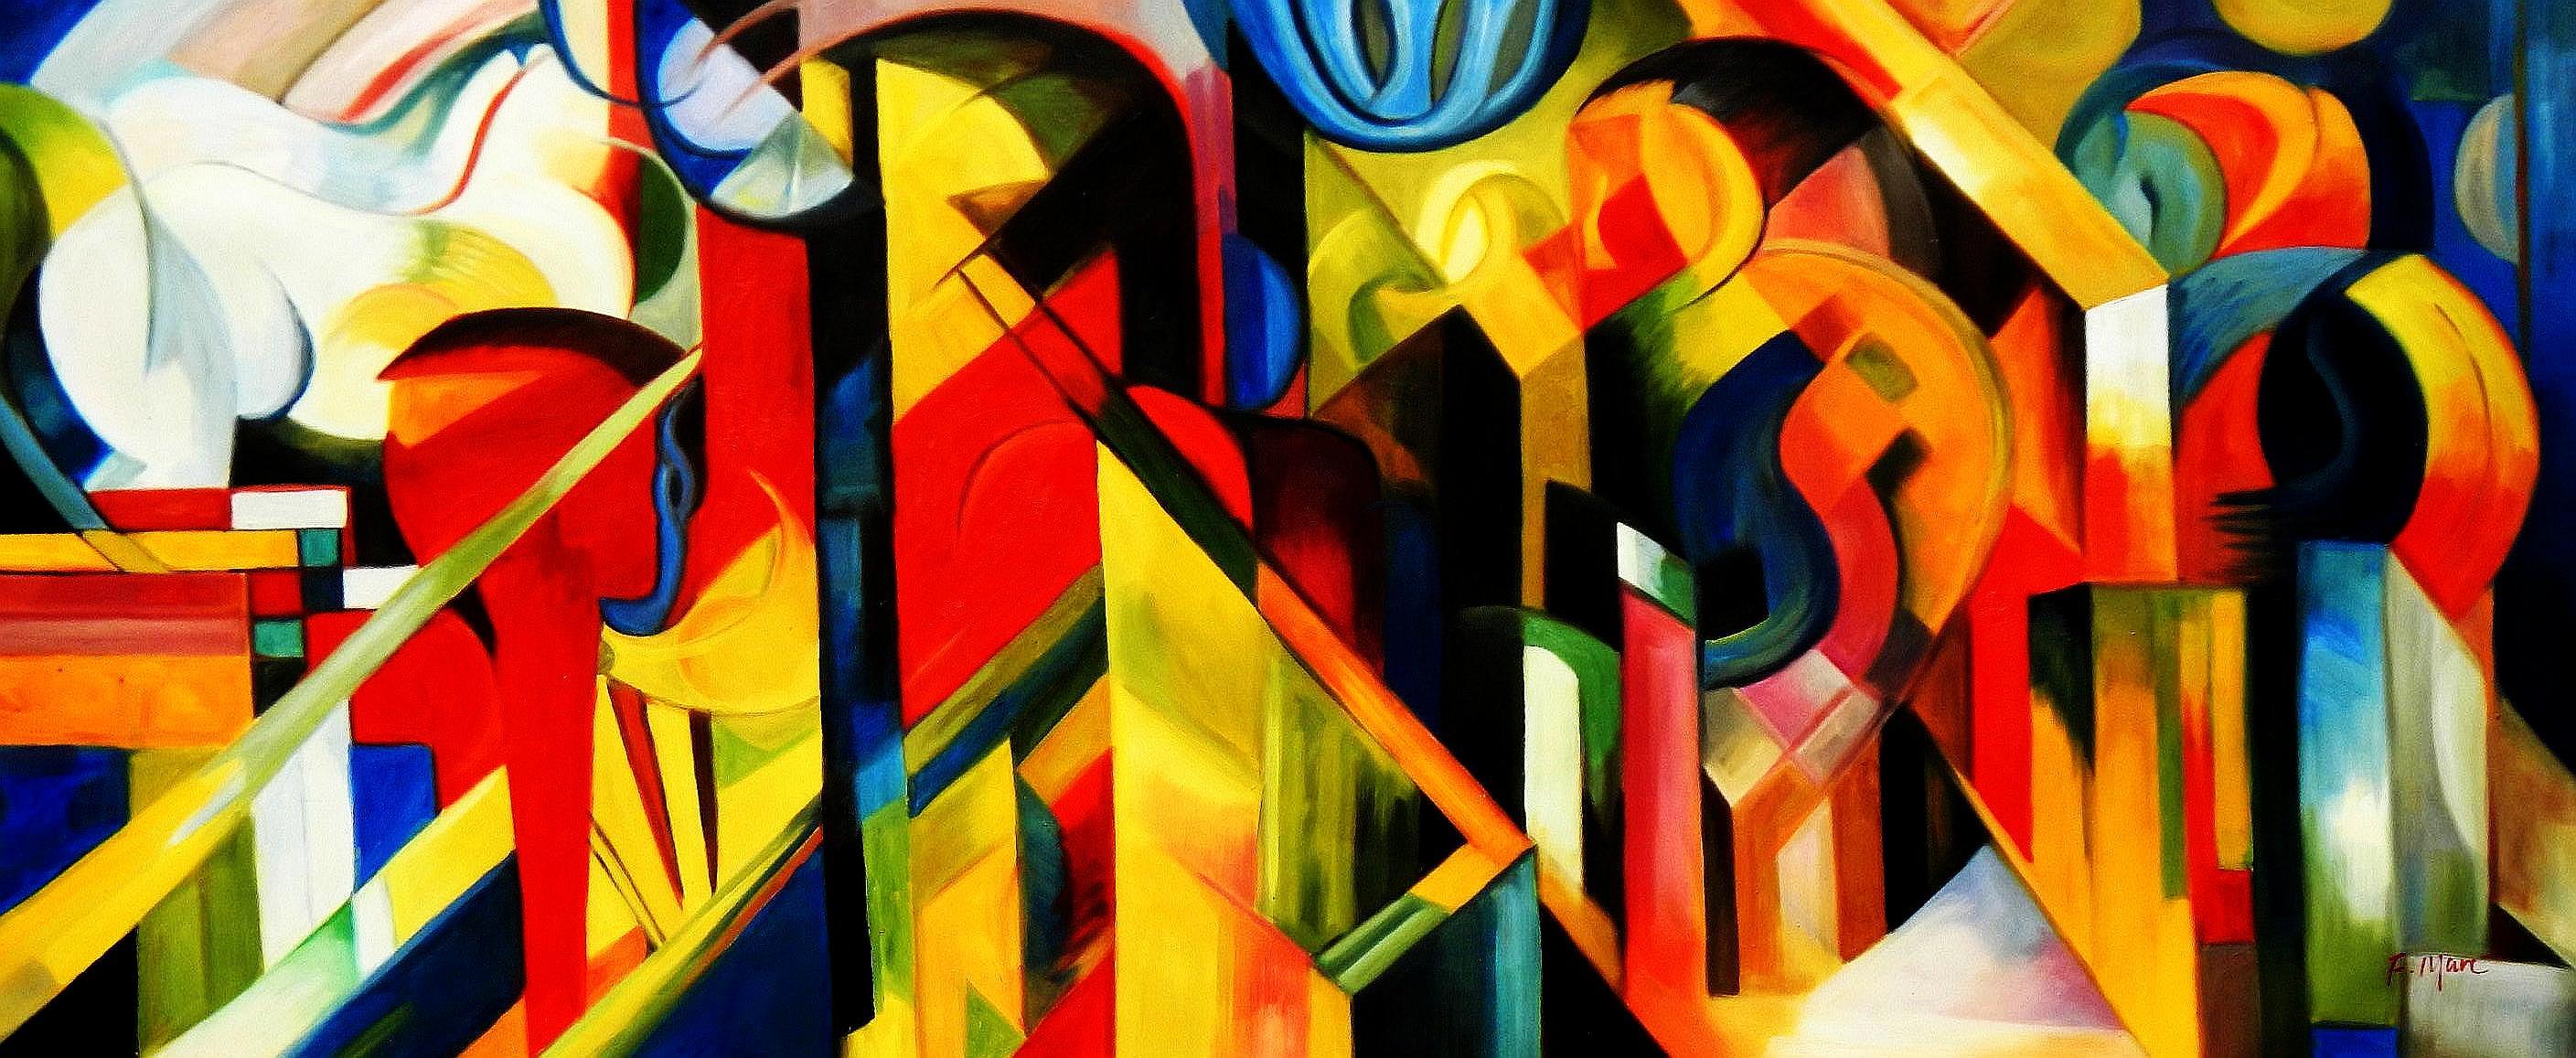 Franz Marc - Stallungen t94484 G 75x180cm Expressionismus Ölgemälde handgemalt